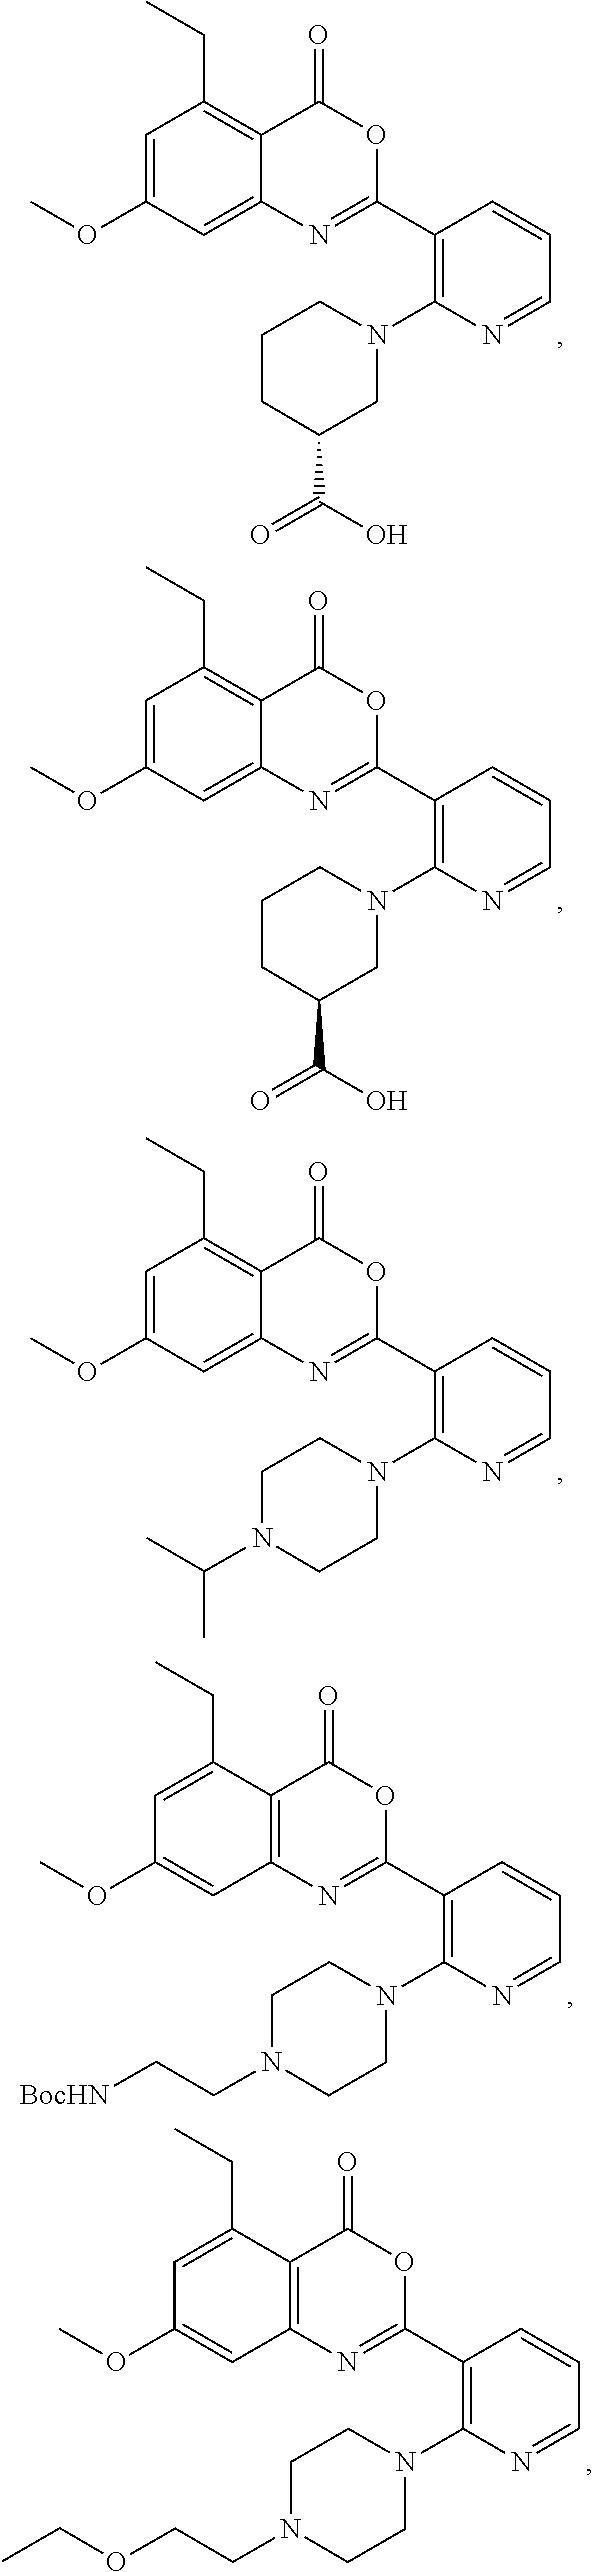 Figure US07879846-20110201-C00408